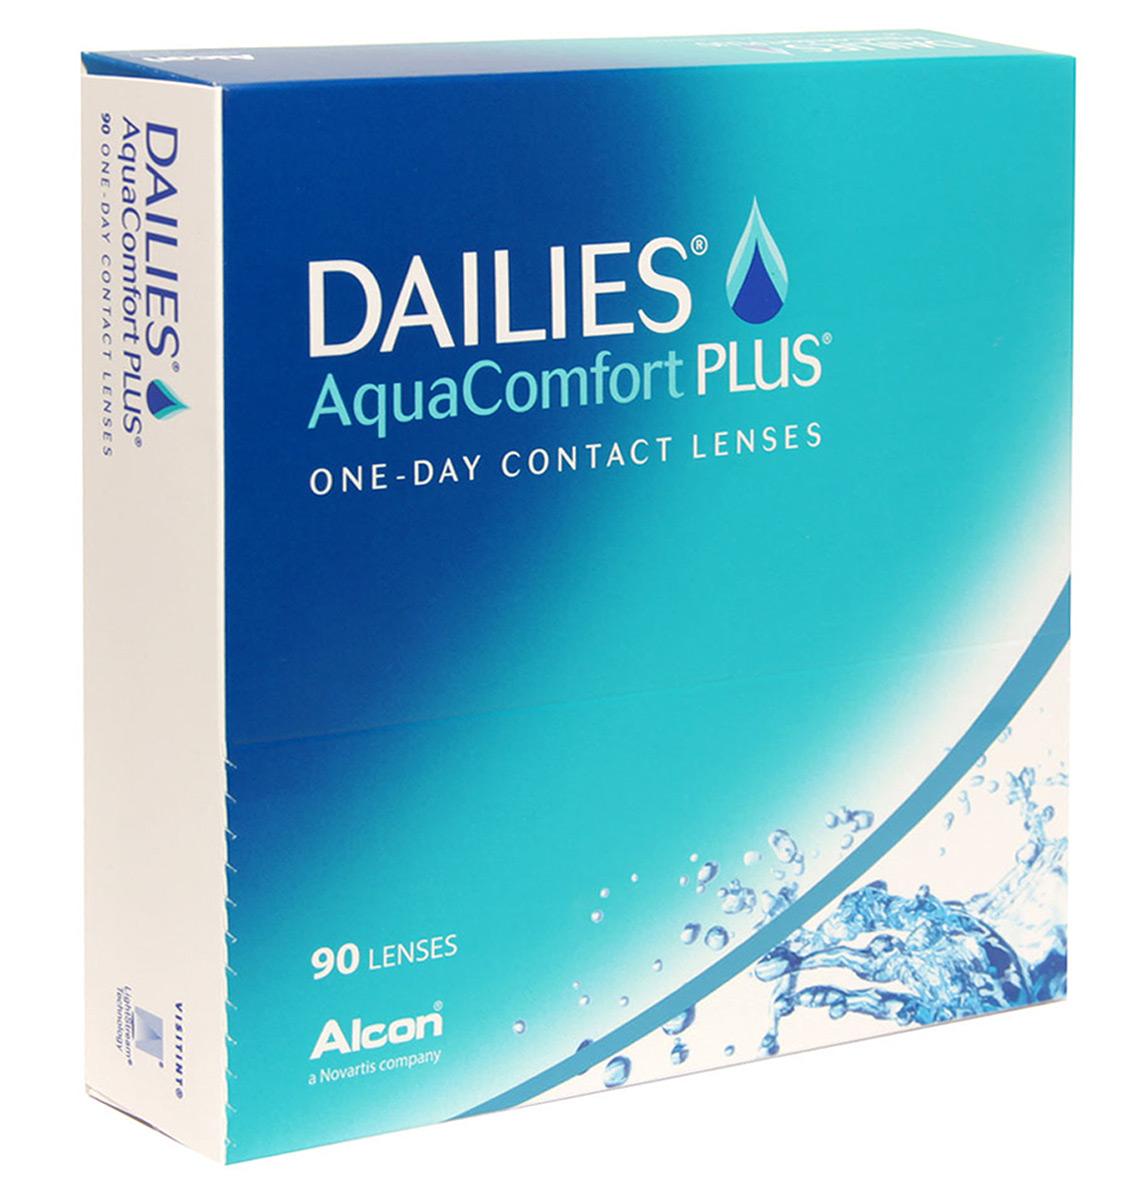 Alcon-CIBA Vision контактные линзы Dailies AquaComfort Plus (90шт / 8.7 / 14.0 / +4.00)31091Dailies Aqua Comfort Plus (90 блистеров) – это одни из самых популярных однодневных линз производства компании CIBA VISION. Эти линзы пользуются огромной популярностью во всем мире и являются на сегодняшний день самыми безопасными контактными линзами. Изготавливаются линзы из современного, 100% безопасного материала нелфилкон А. Особенность этого материала в том, что он легко пропускает воздух и хорошо сохраняет влагу. Однодневные контактные линзы Dailies Aqua Comfort Plus не нуждаются в дополнительном уходе и затратах, каждый день вы надеваете свежую пару линз. Дизайн линзы биосовместимый, что гарантирует безупречный комфорт. Самое главное достоинство Dailies Aqua Comfort Plus – это их уникальная система увлажнения. Благодаря этой разработке линзы увлажняются тремя различными агентами. Первый компонент, ухаживающий за линзами, находится в растворе, он как бы обволакивает линзу, обеспечивая чрезвычайно комфортное надевание. Второй агент выделяется на протяжении всего дня, он непрерывно смачивает линзы. Третий – увлажняющий агент, выделяется во время моргания, благодаря ему поддерживается постоянный комфорт. Также линзы имеют УФ-фильтр, который будет заботиться о ваших глазах. Dailies Aqua Comfort Plus одни из лучших линз в своей категории. Всемирно известная компания CIBAVISION, создавая эти контактные линзы, попыталась учесть все потребности пациентов и ей это удалось!Кривизна, Mm: /8.7/.Оптическая сила,mm: +4.00.Содержание воды, %: 69.Контактные линзы или очки: советы офтальмологов. Статья OZON Гид